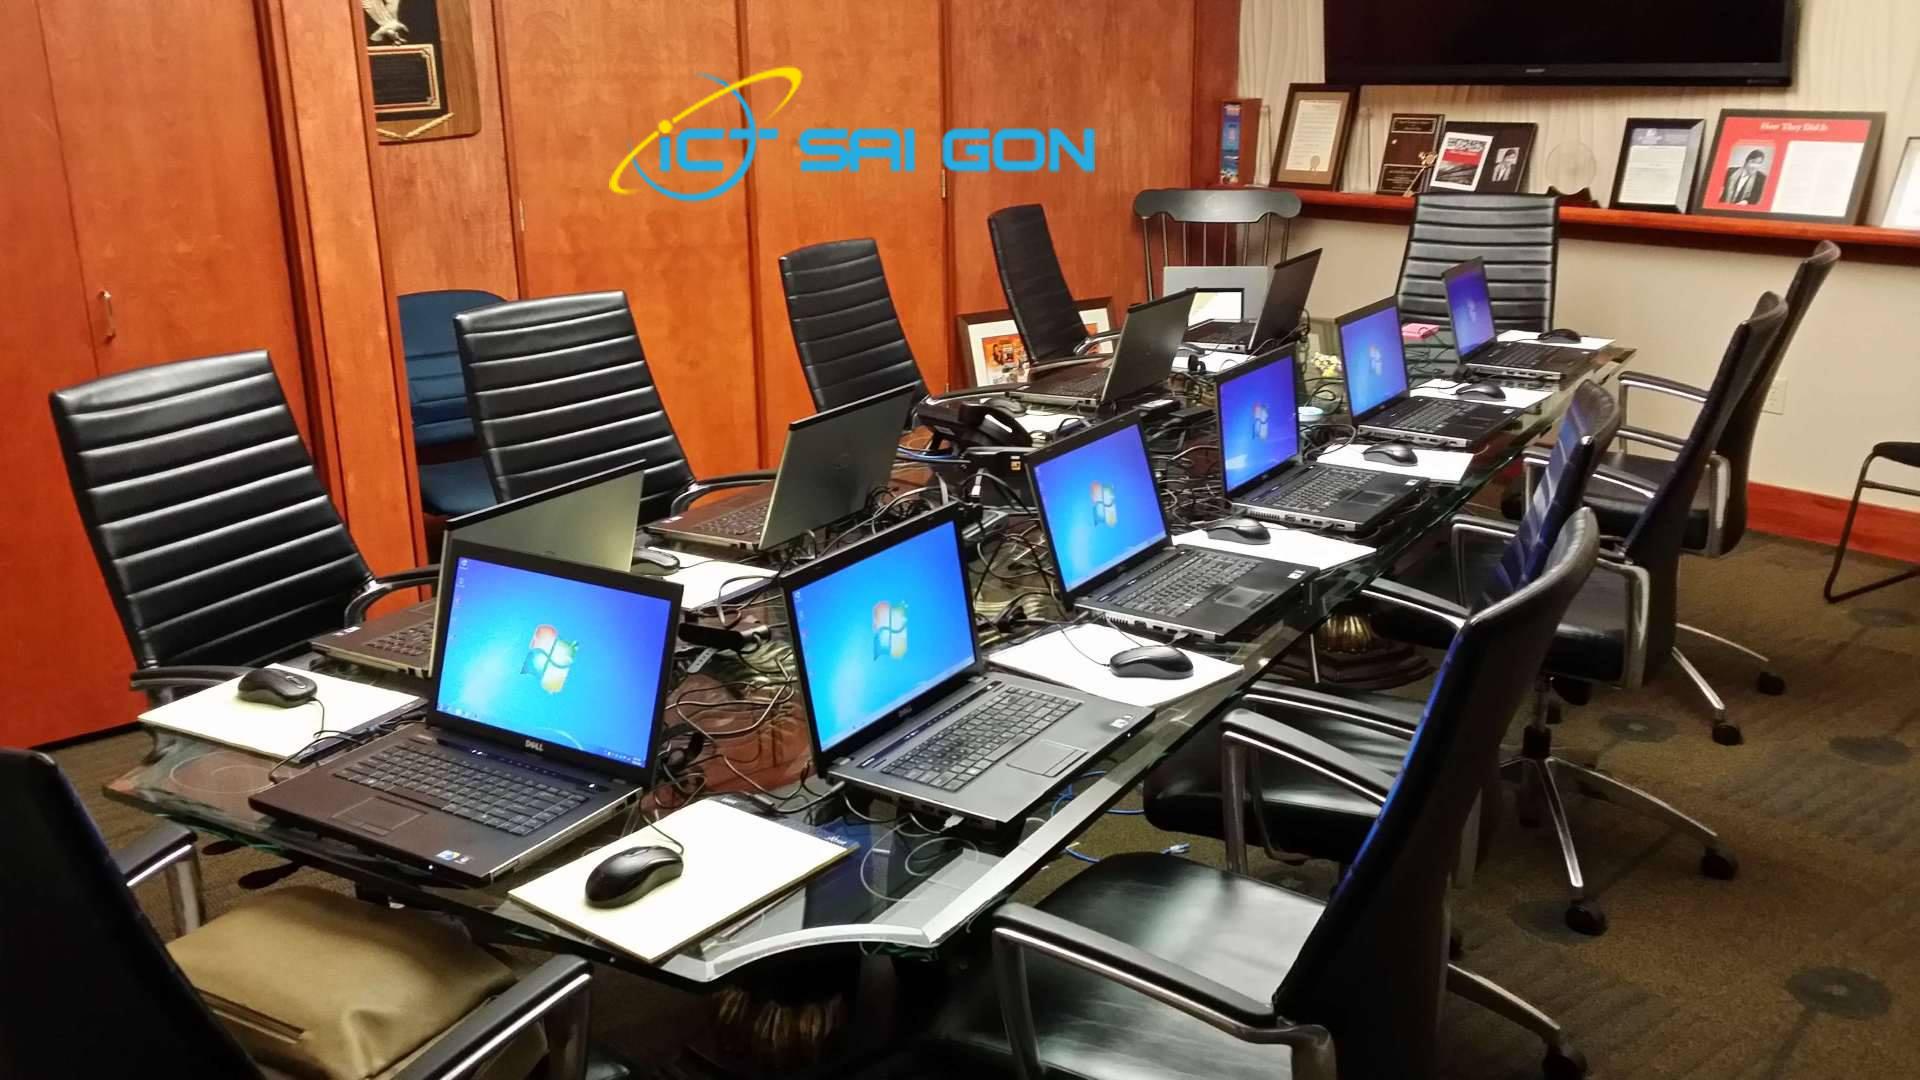 Giá cho thuê Laptop tại TPHCM